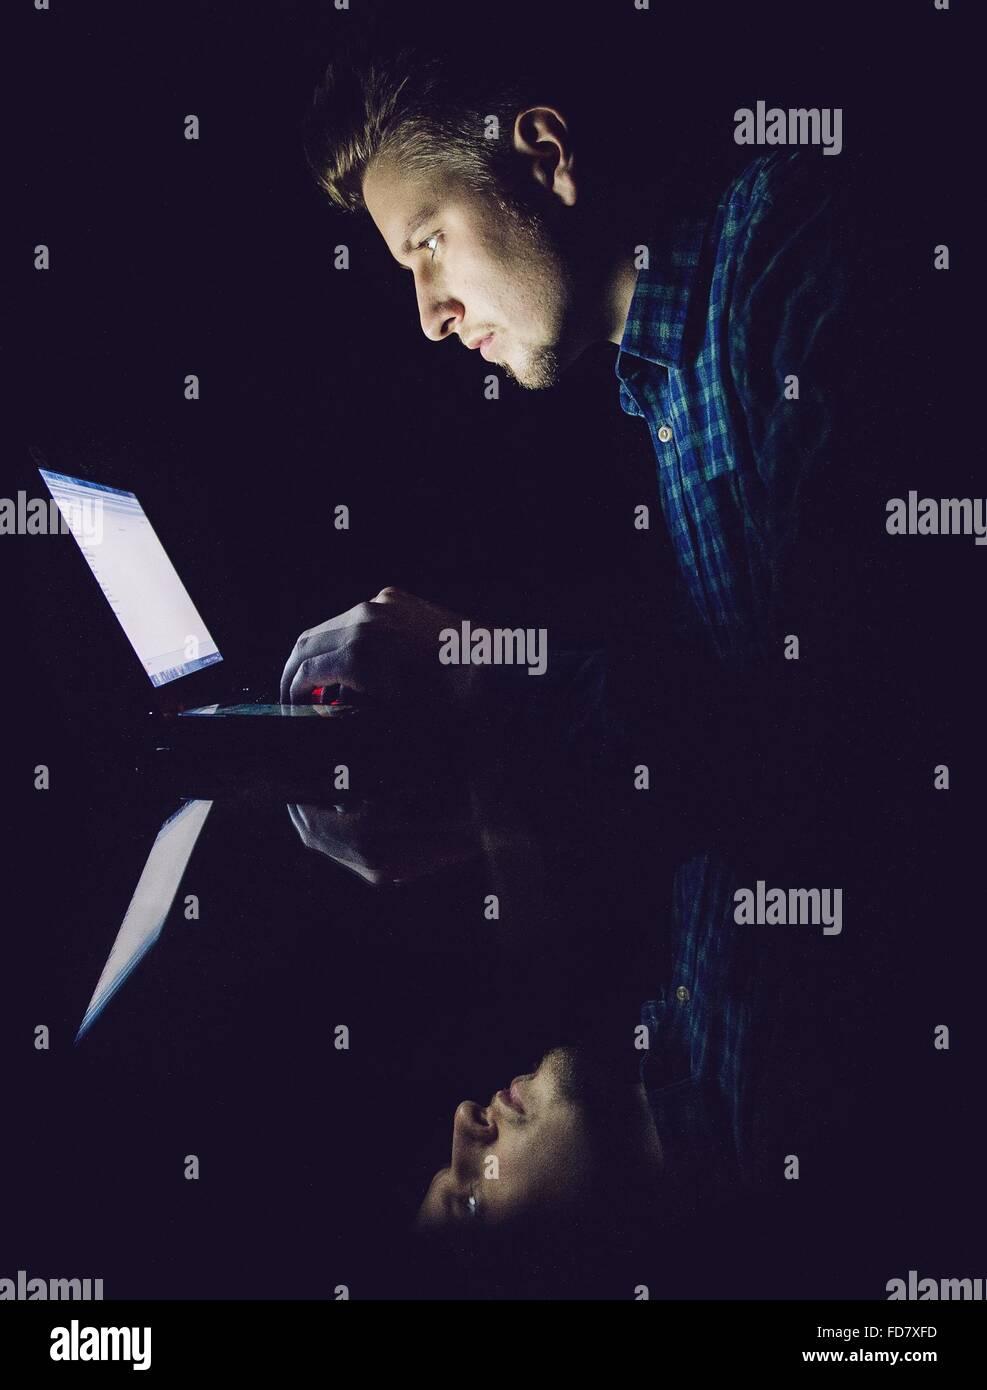 La riflessione del giovane uomo su vetro mentre utilizzando computer portatile in camera oscura Immagini Stock